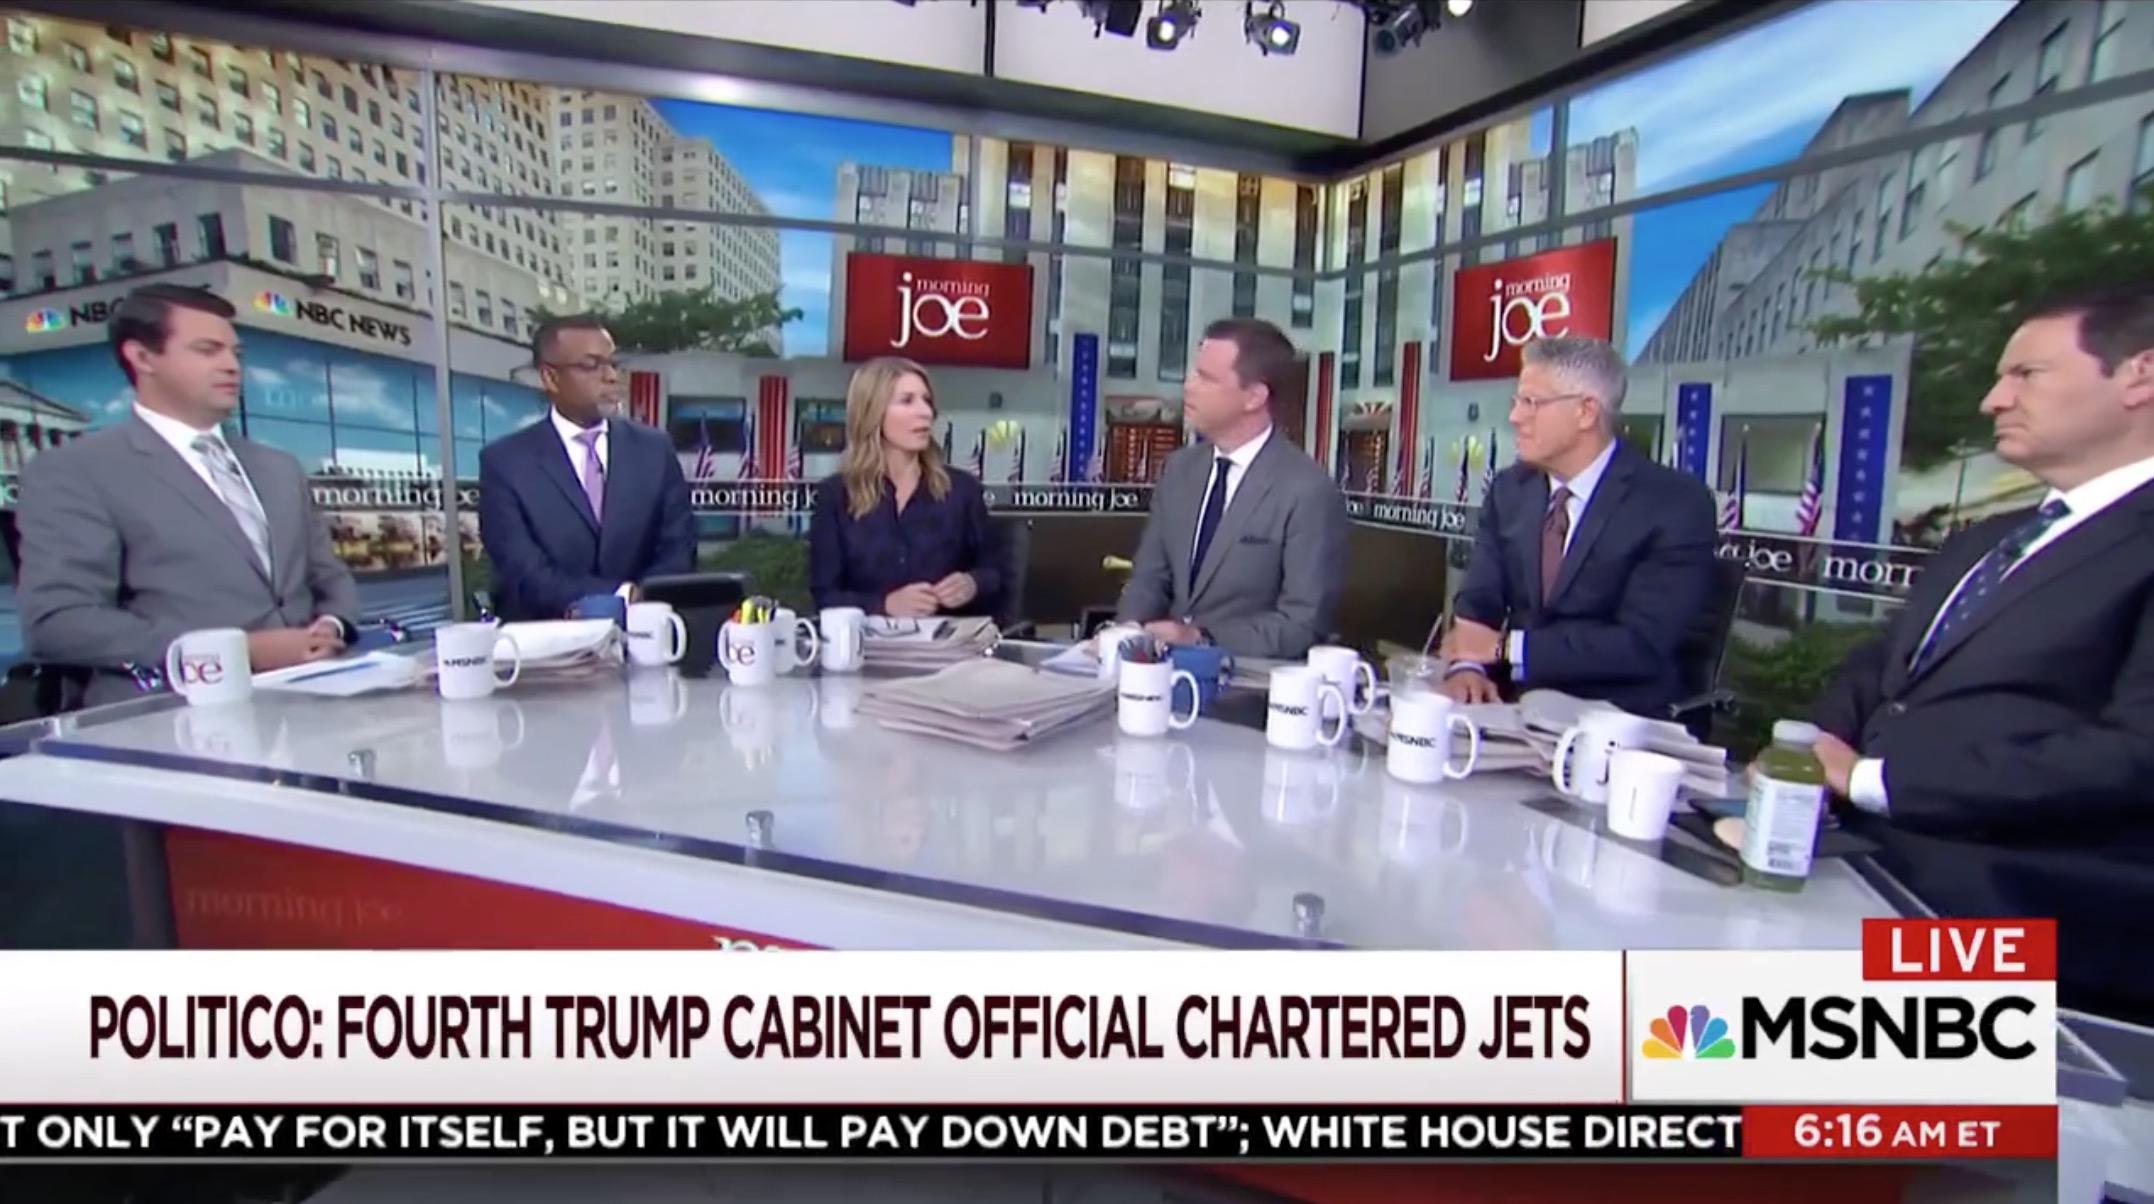 Morning Joe Slams Trump's 'Crony Cabinet' for Jets: 'Stupidity on ...